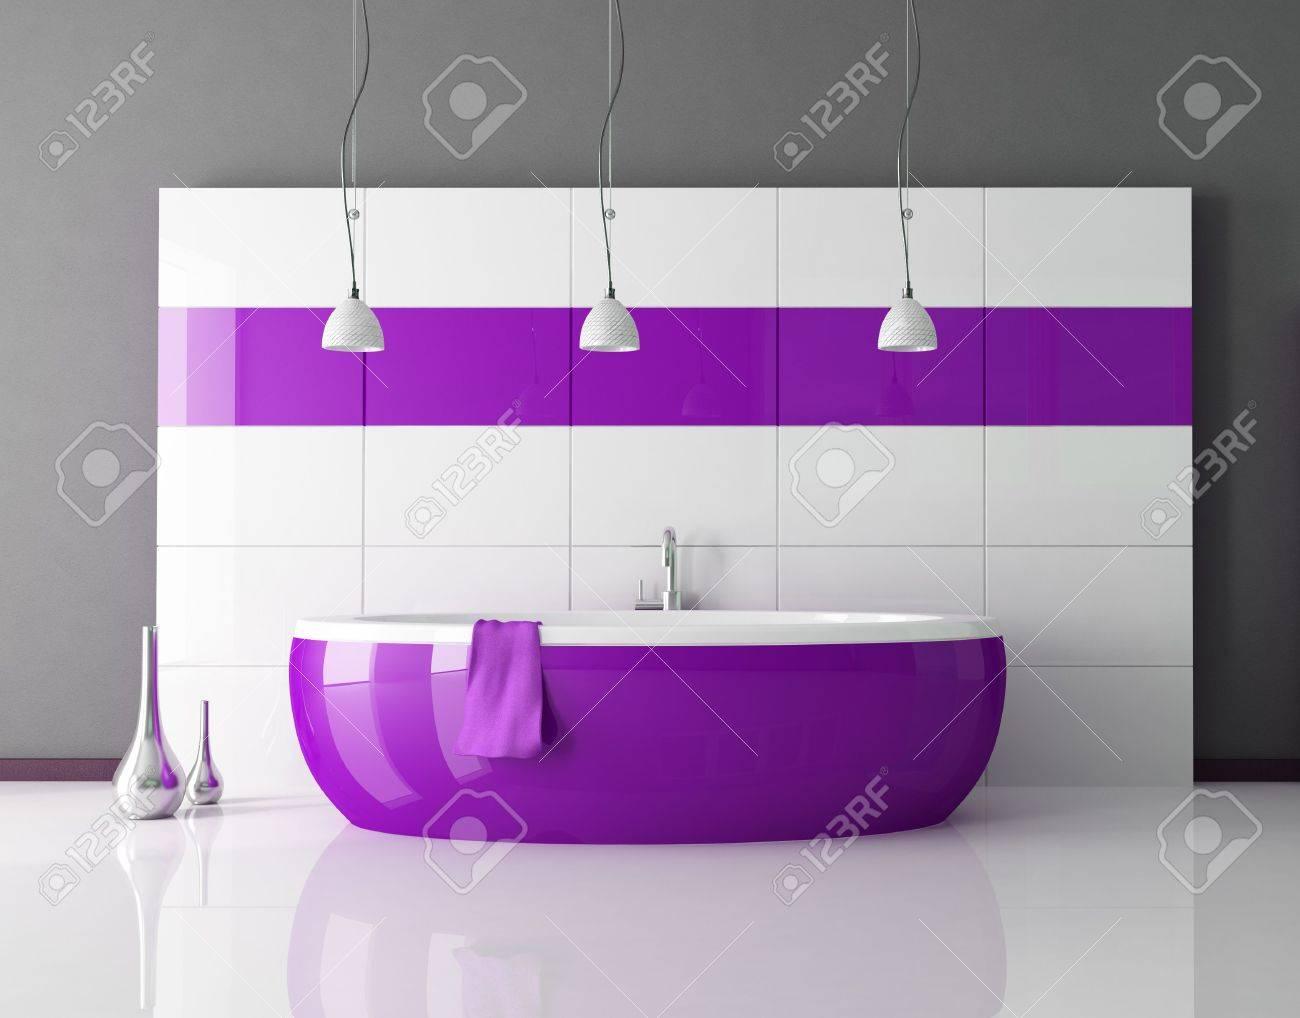 Lila Badewanne In Einem Minimal Contemporary Badezimmer   Rendering  Lizenzfreie Bilder   5694623